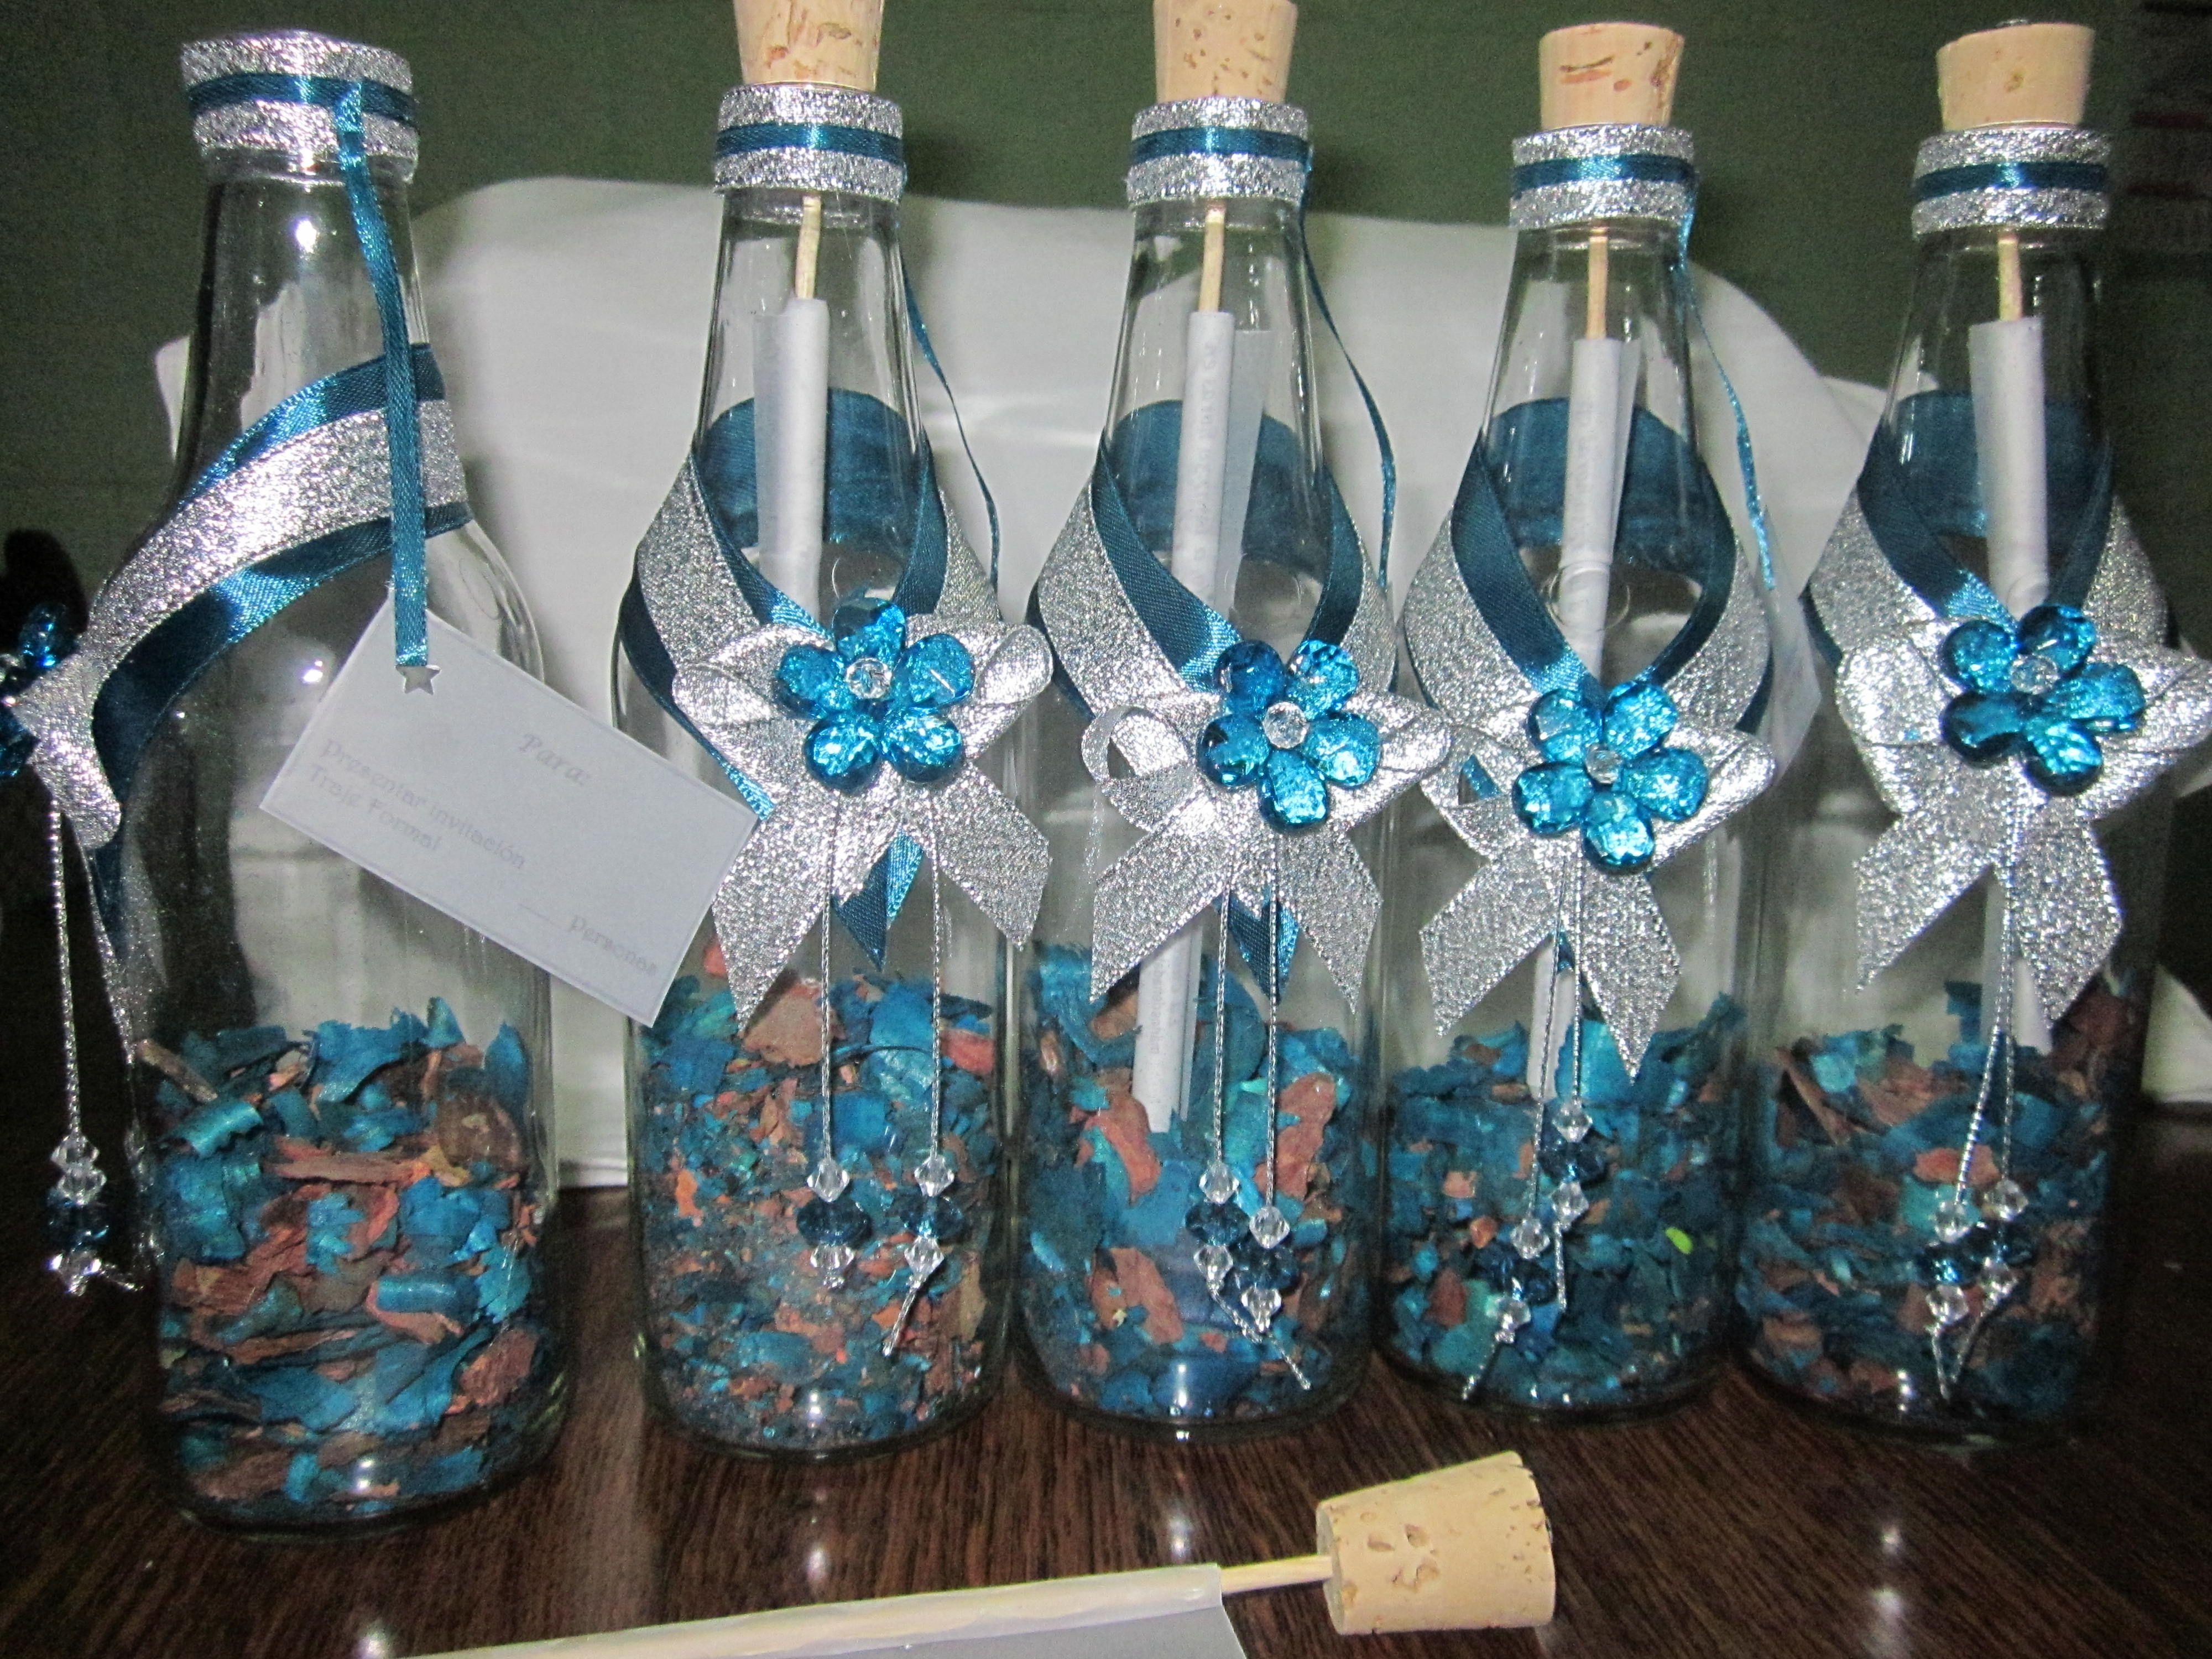 Invitaci n con popourri y decoraci n en acr lico - Decoracion de botellas ...